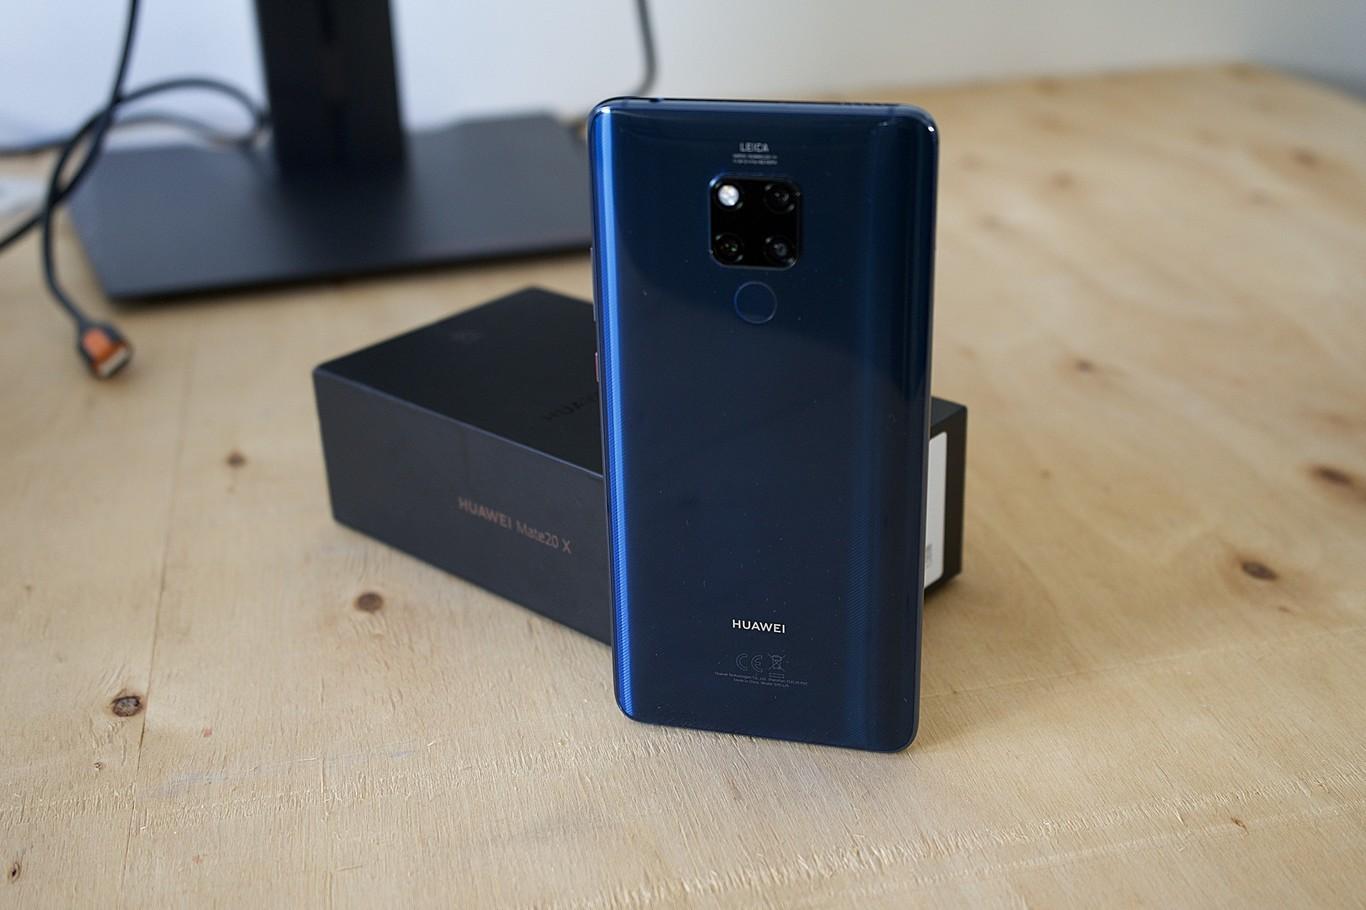 Huawei Mate 20 X vuelve a su precio mínimo histórico en Amazon por solo unas horas: 599 euros